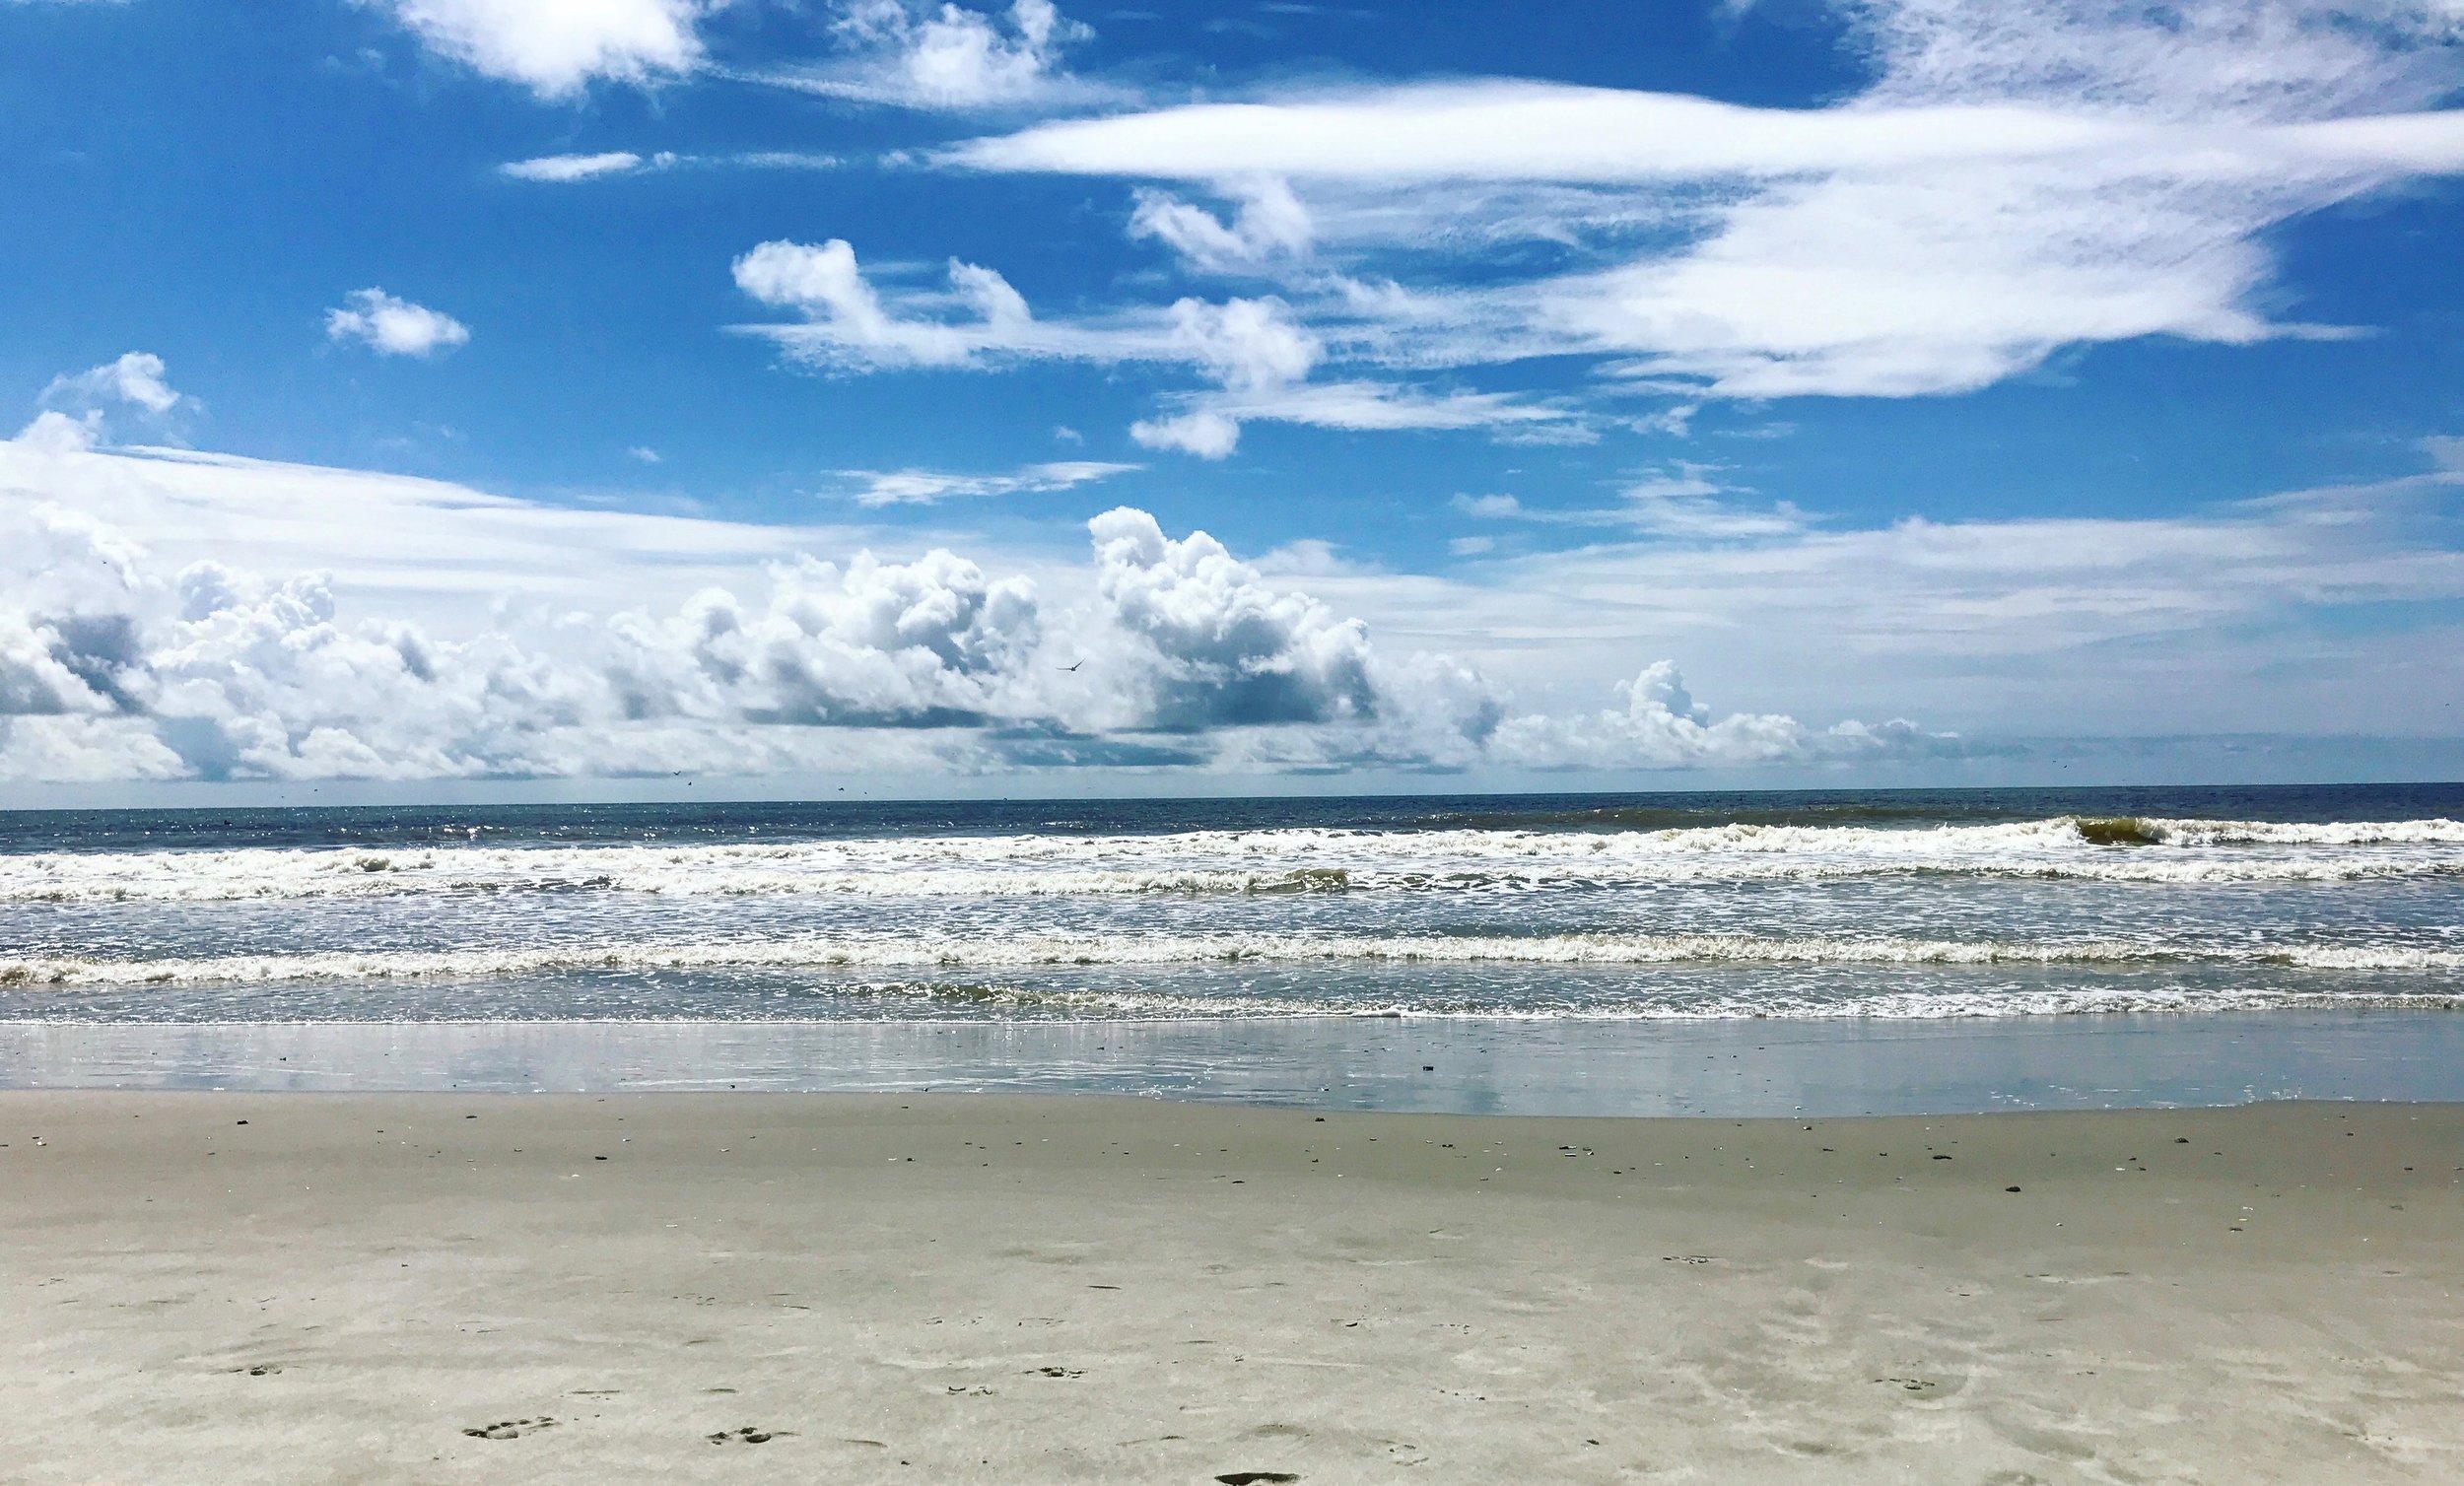 Charleston, wishing I were visiting you again!